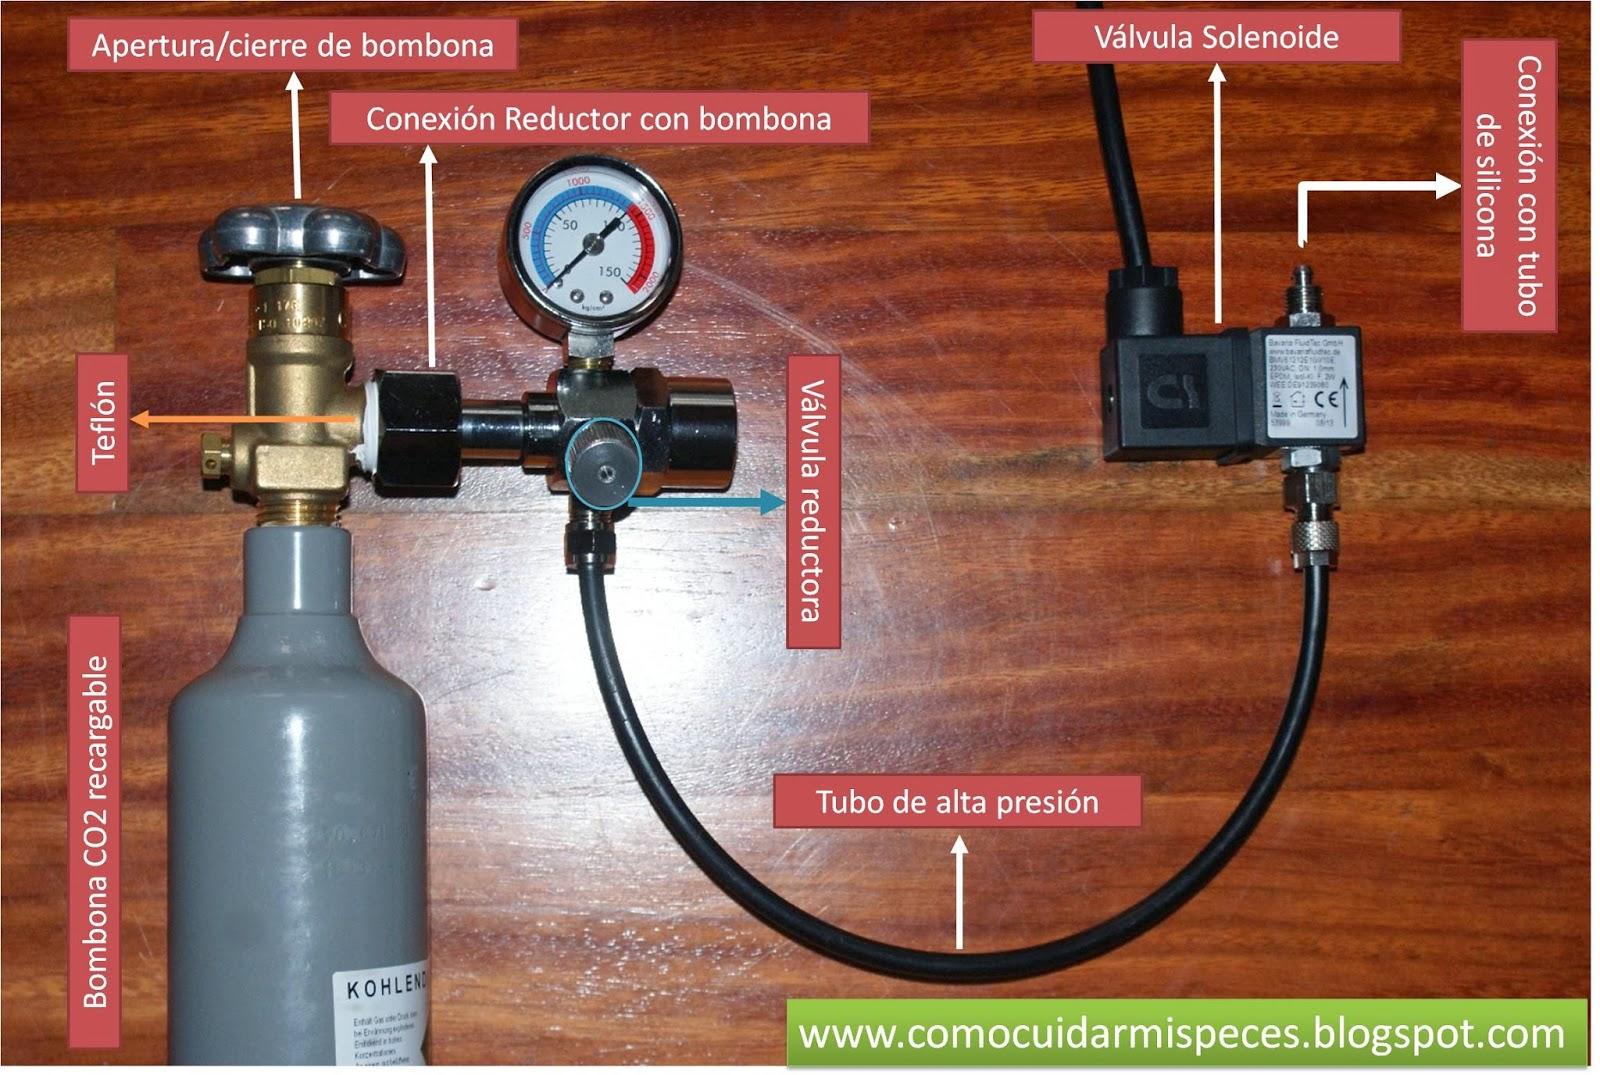 Instalaci n de co2 en el acuario con electrov lvula - Montaje de acuarios ...